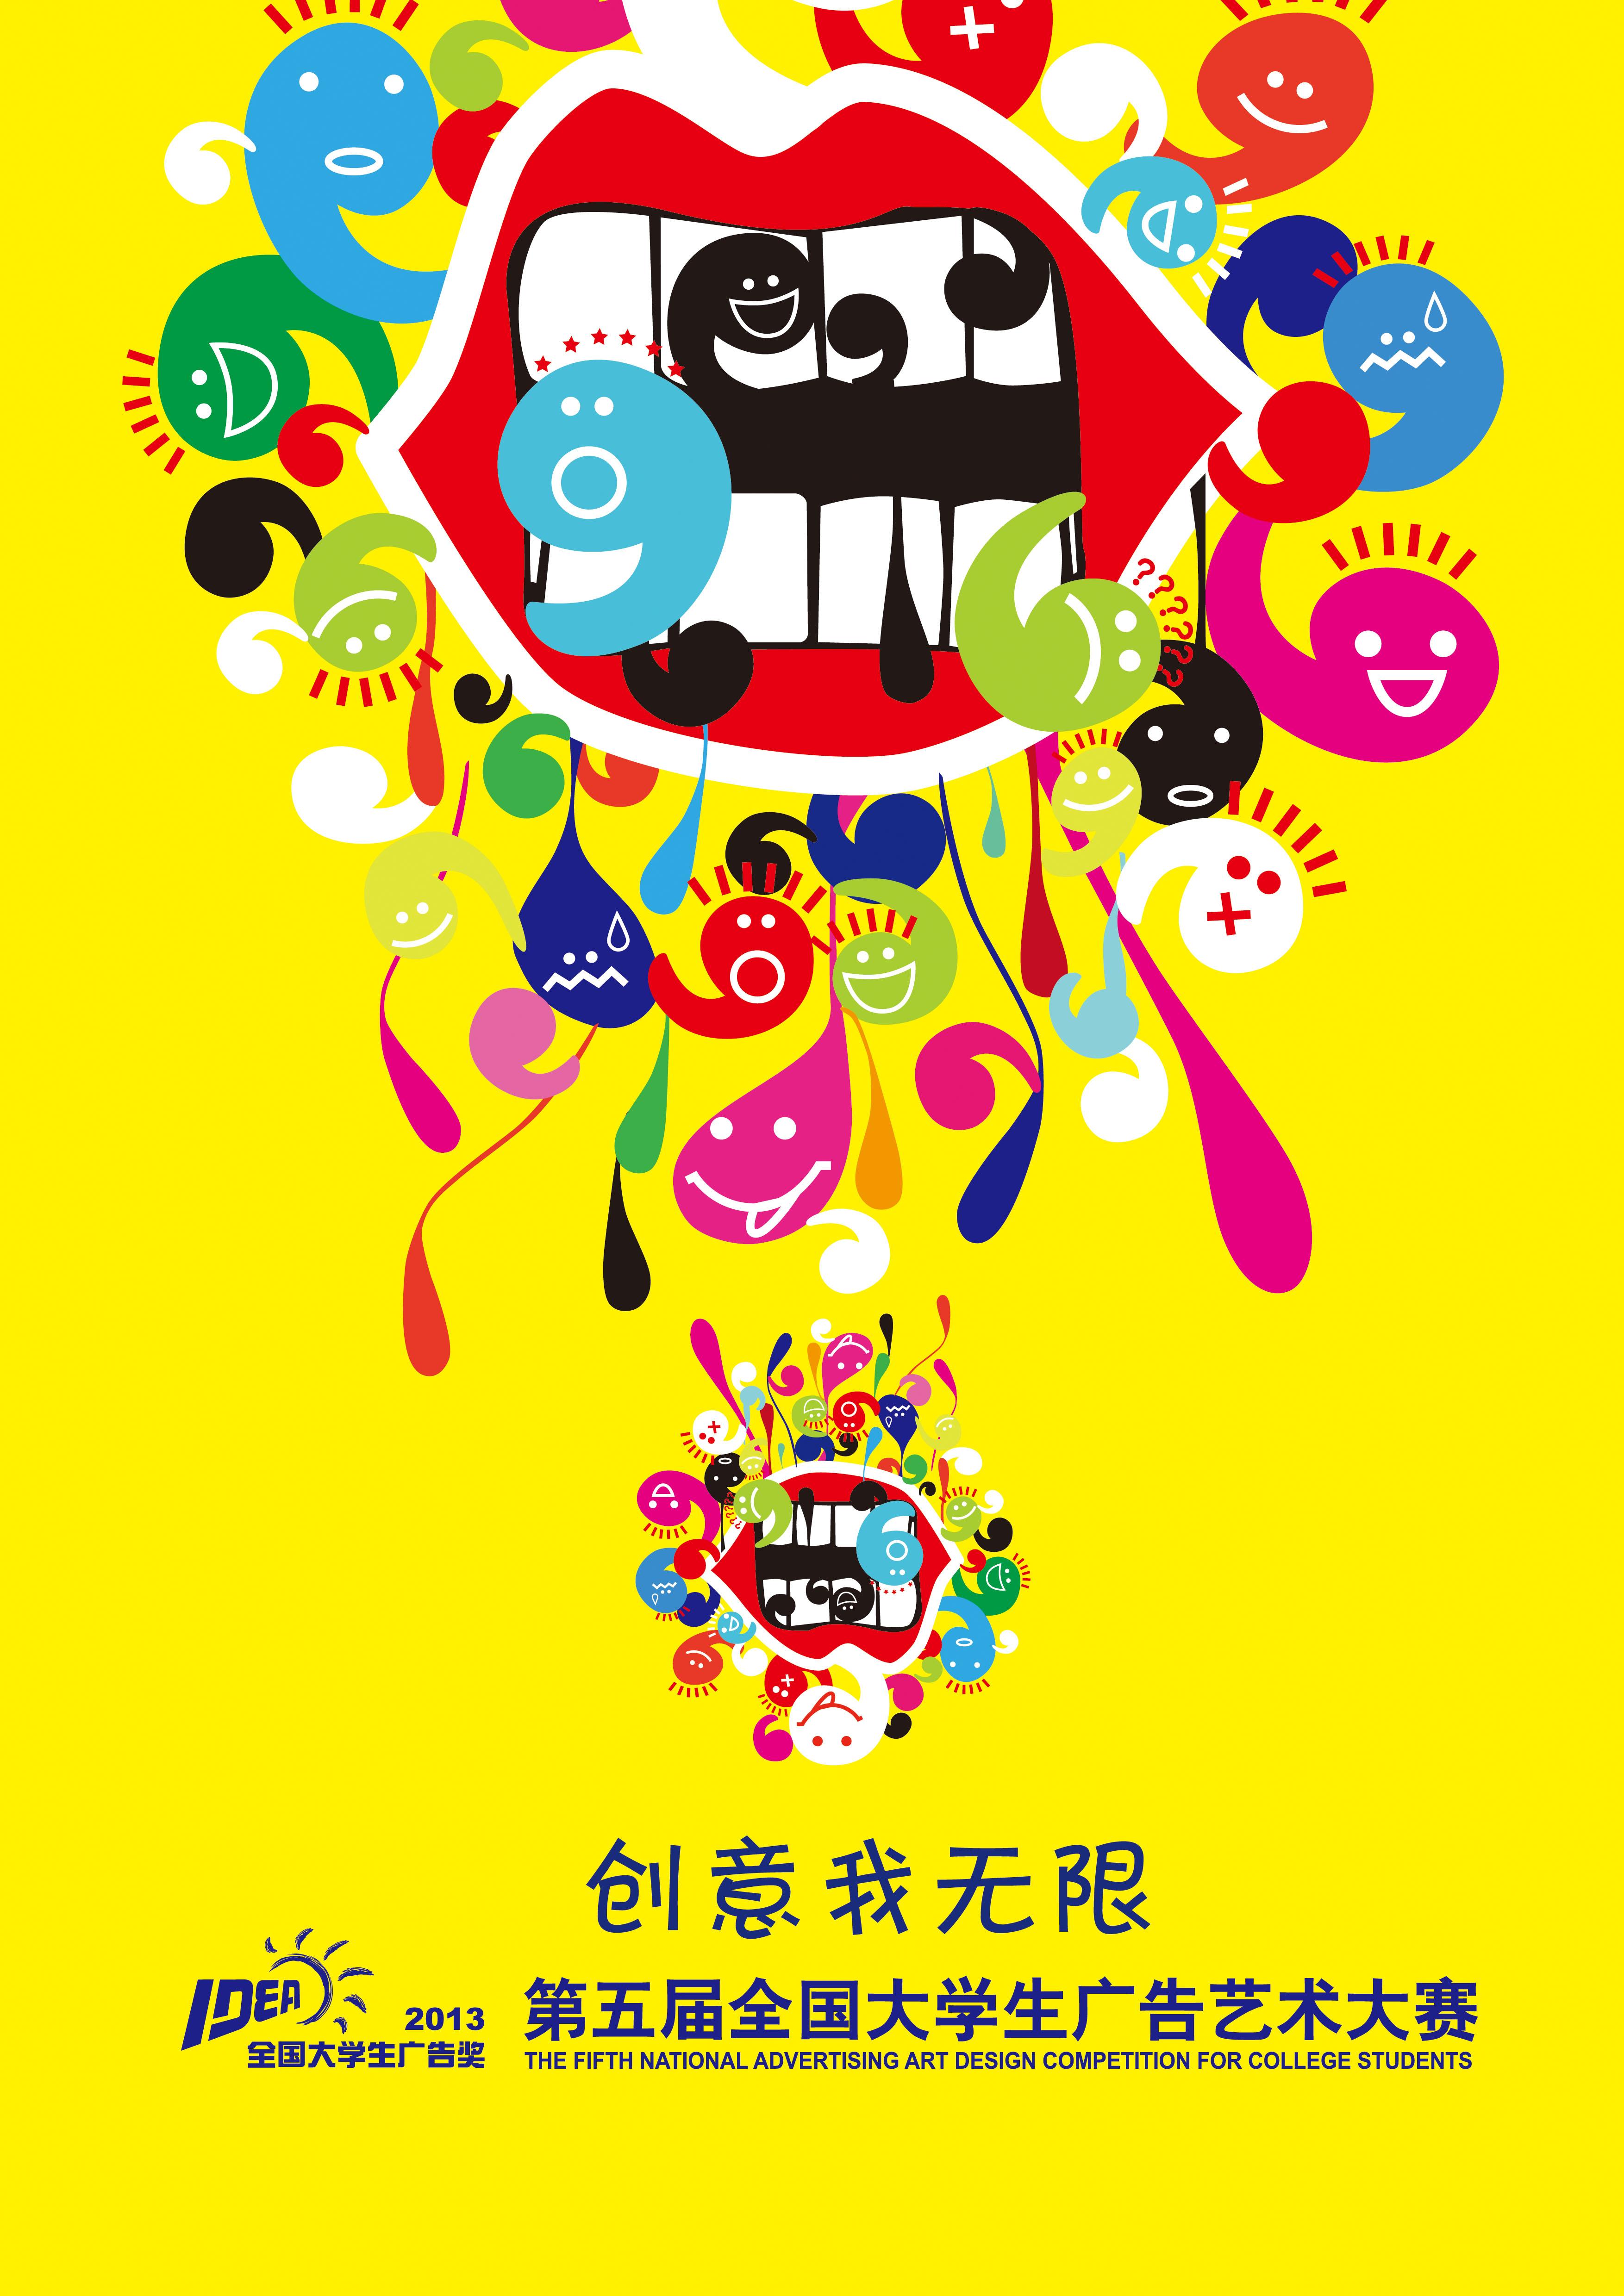 大学生广告大赛海报设计